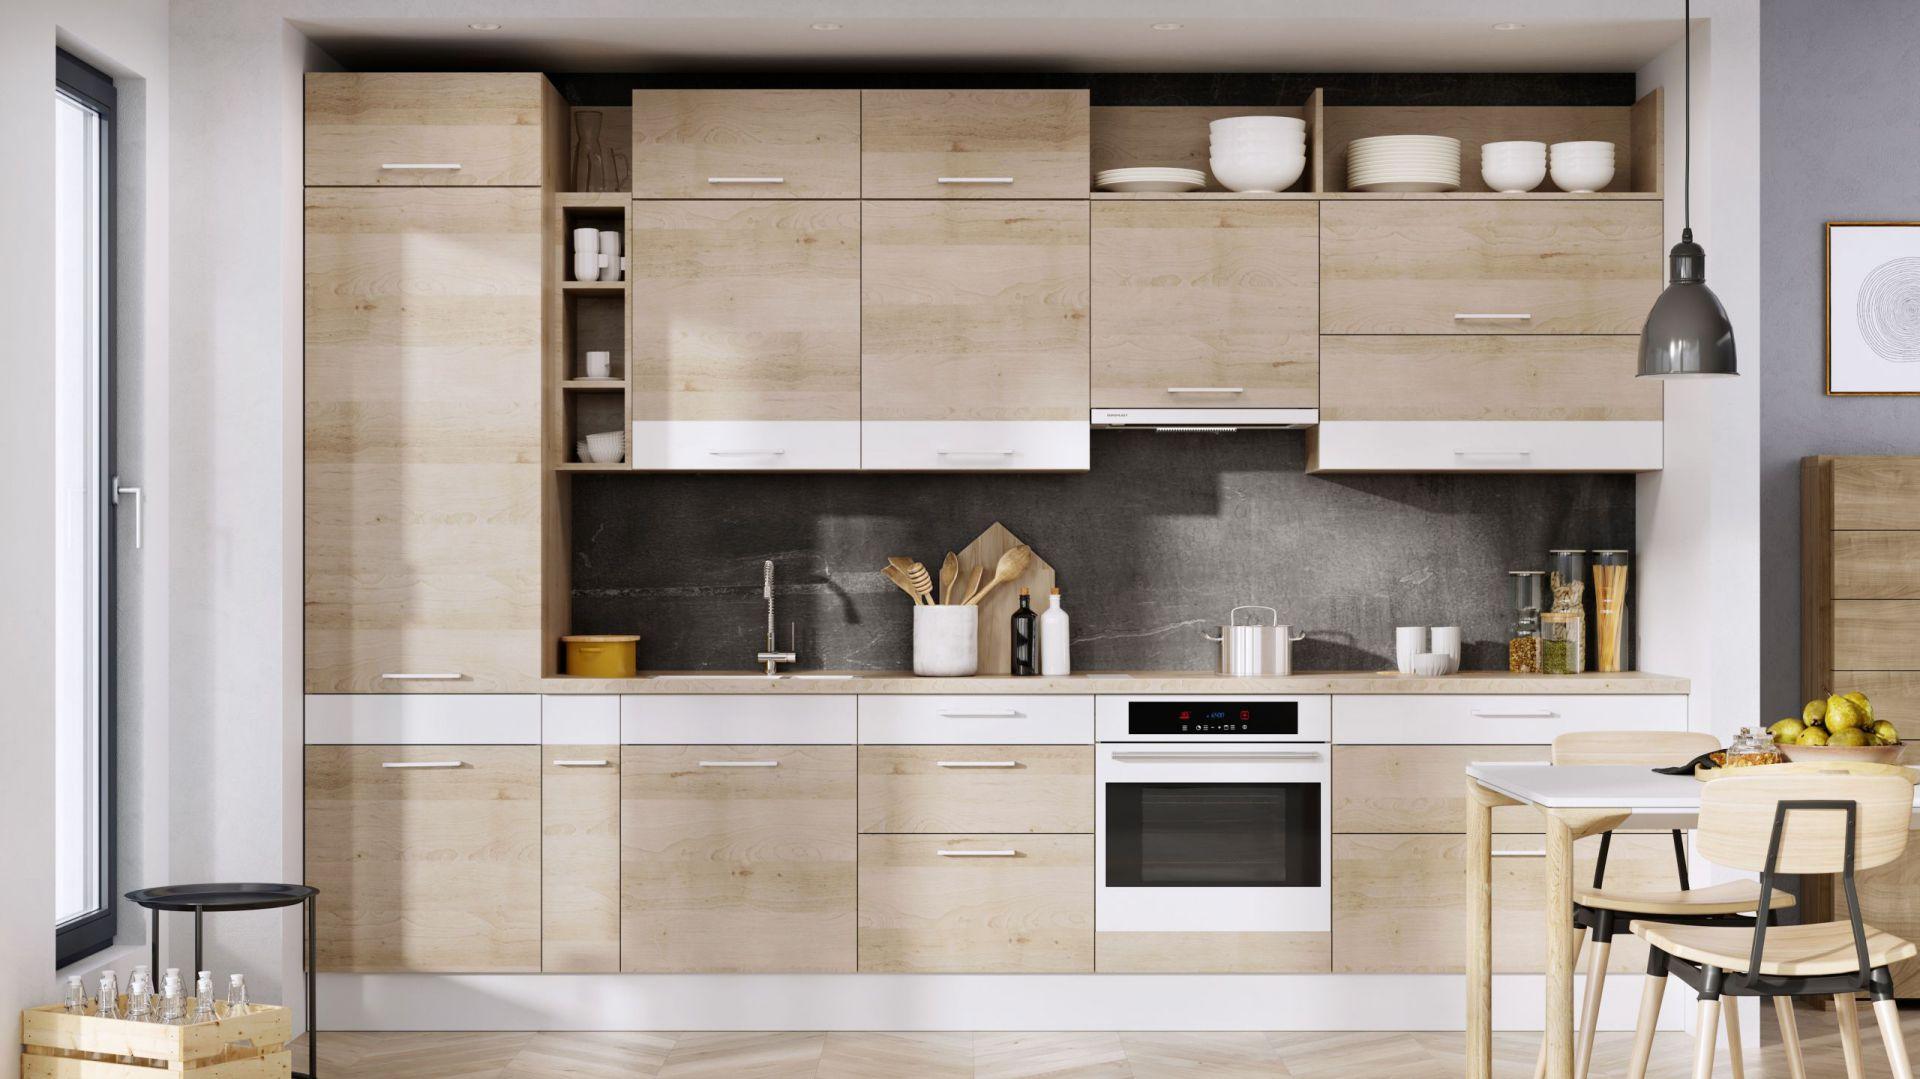 Nowy trend: asymetria dynamizuje zabudowę kuchenną. Fot. KAM